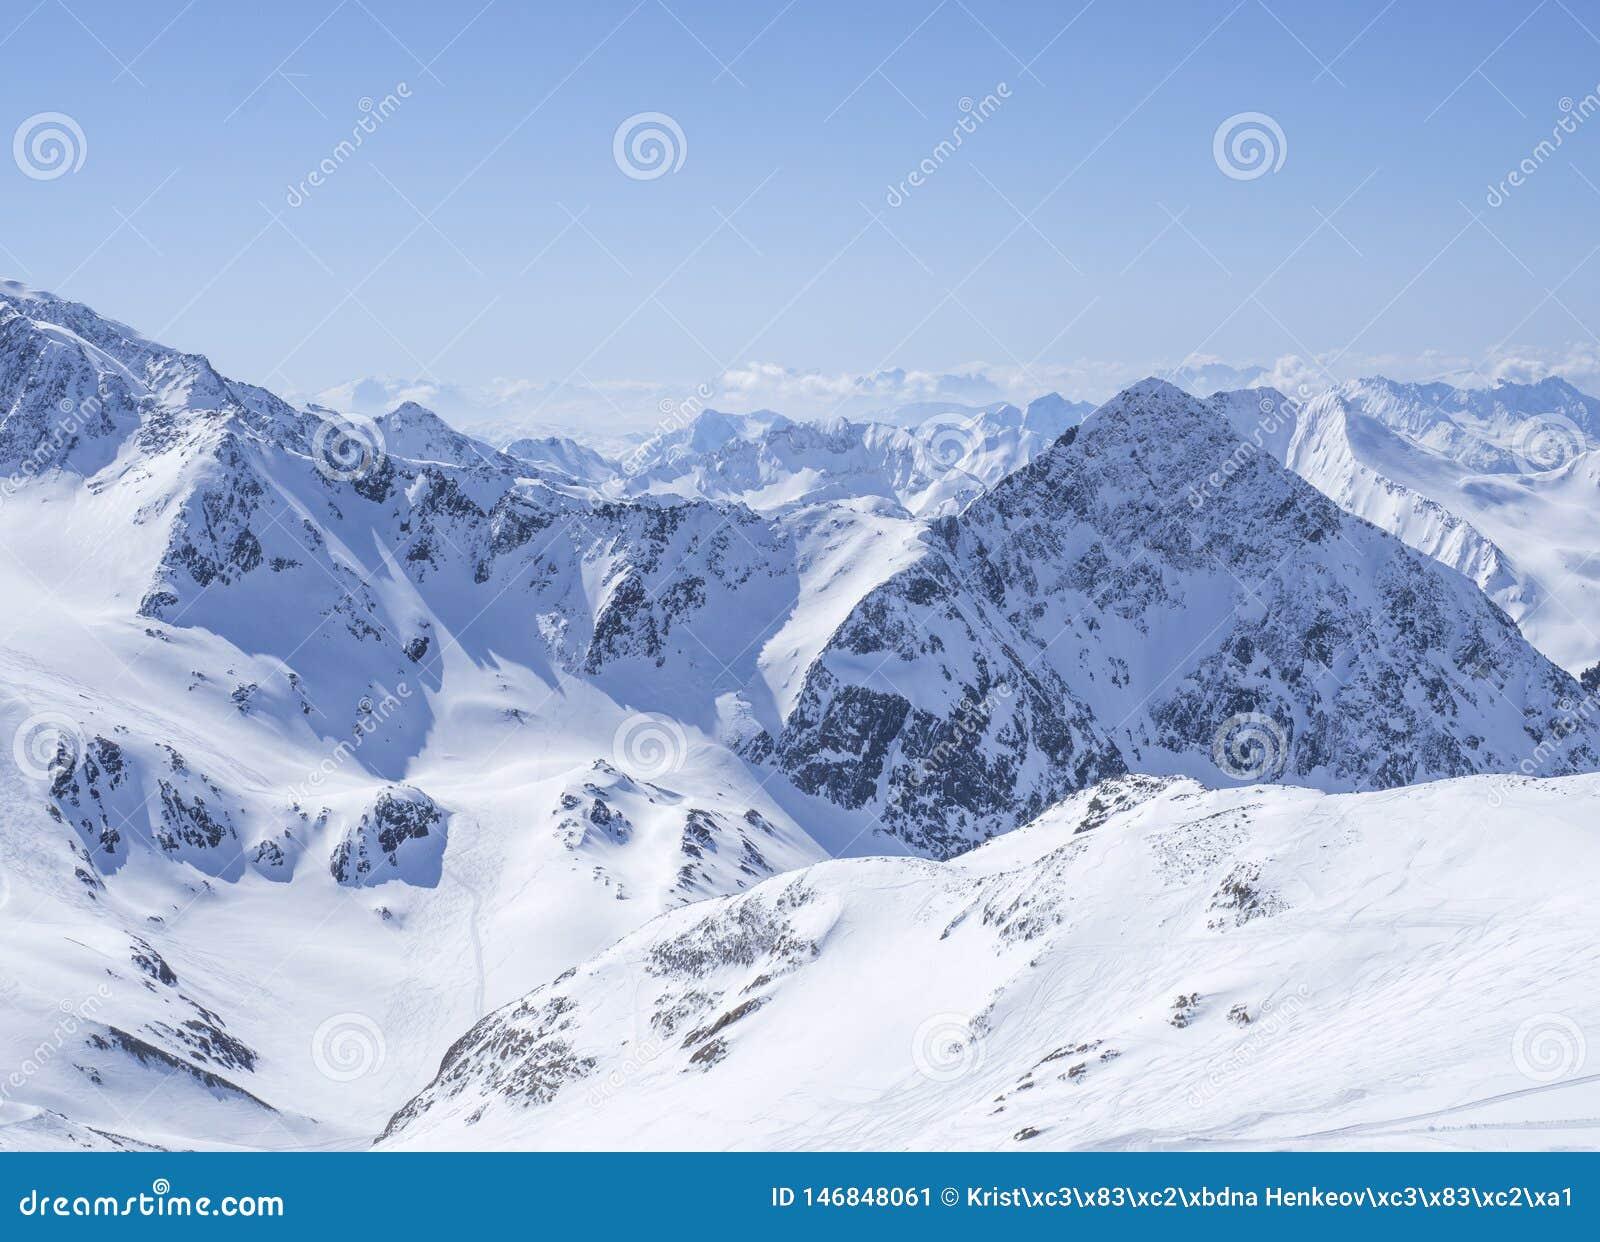 Ansicht über Winterlandschaft von der Spitze Schaufelspitze-Berges an Skigebiet Stubai Gletscher mit Schnee umfasste Spitzen an